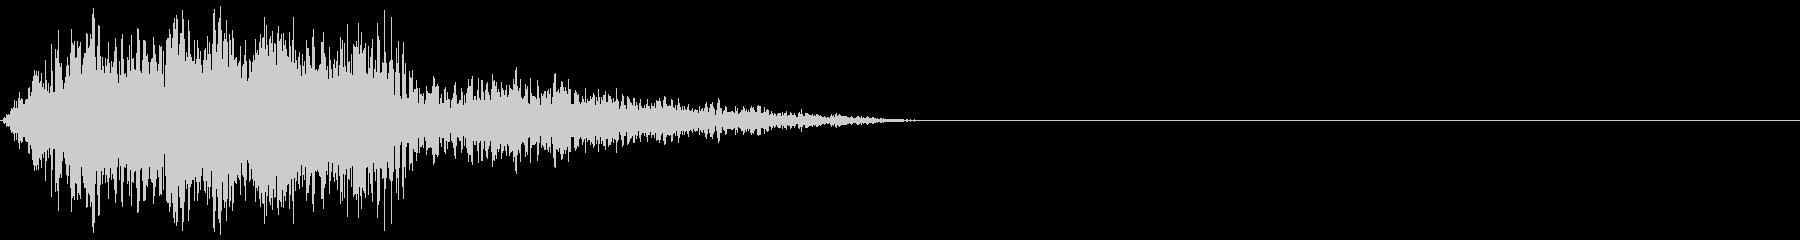 クリーチャー 発声 60の未再生の波形